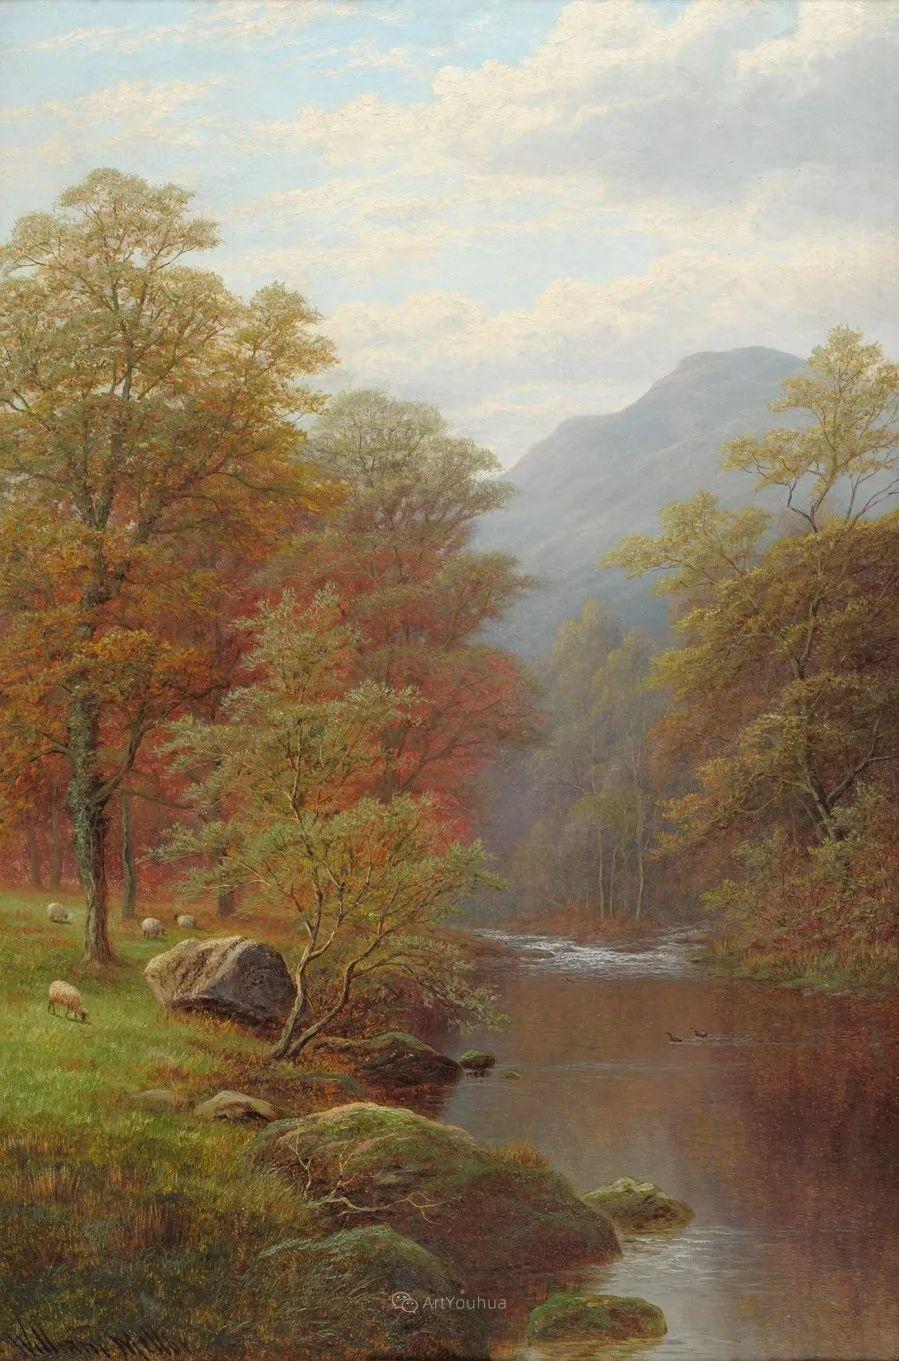 沐浴在温暖、明亮阳光下的原始风景,英国艺术家威廉·梅勒插图66